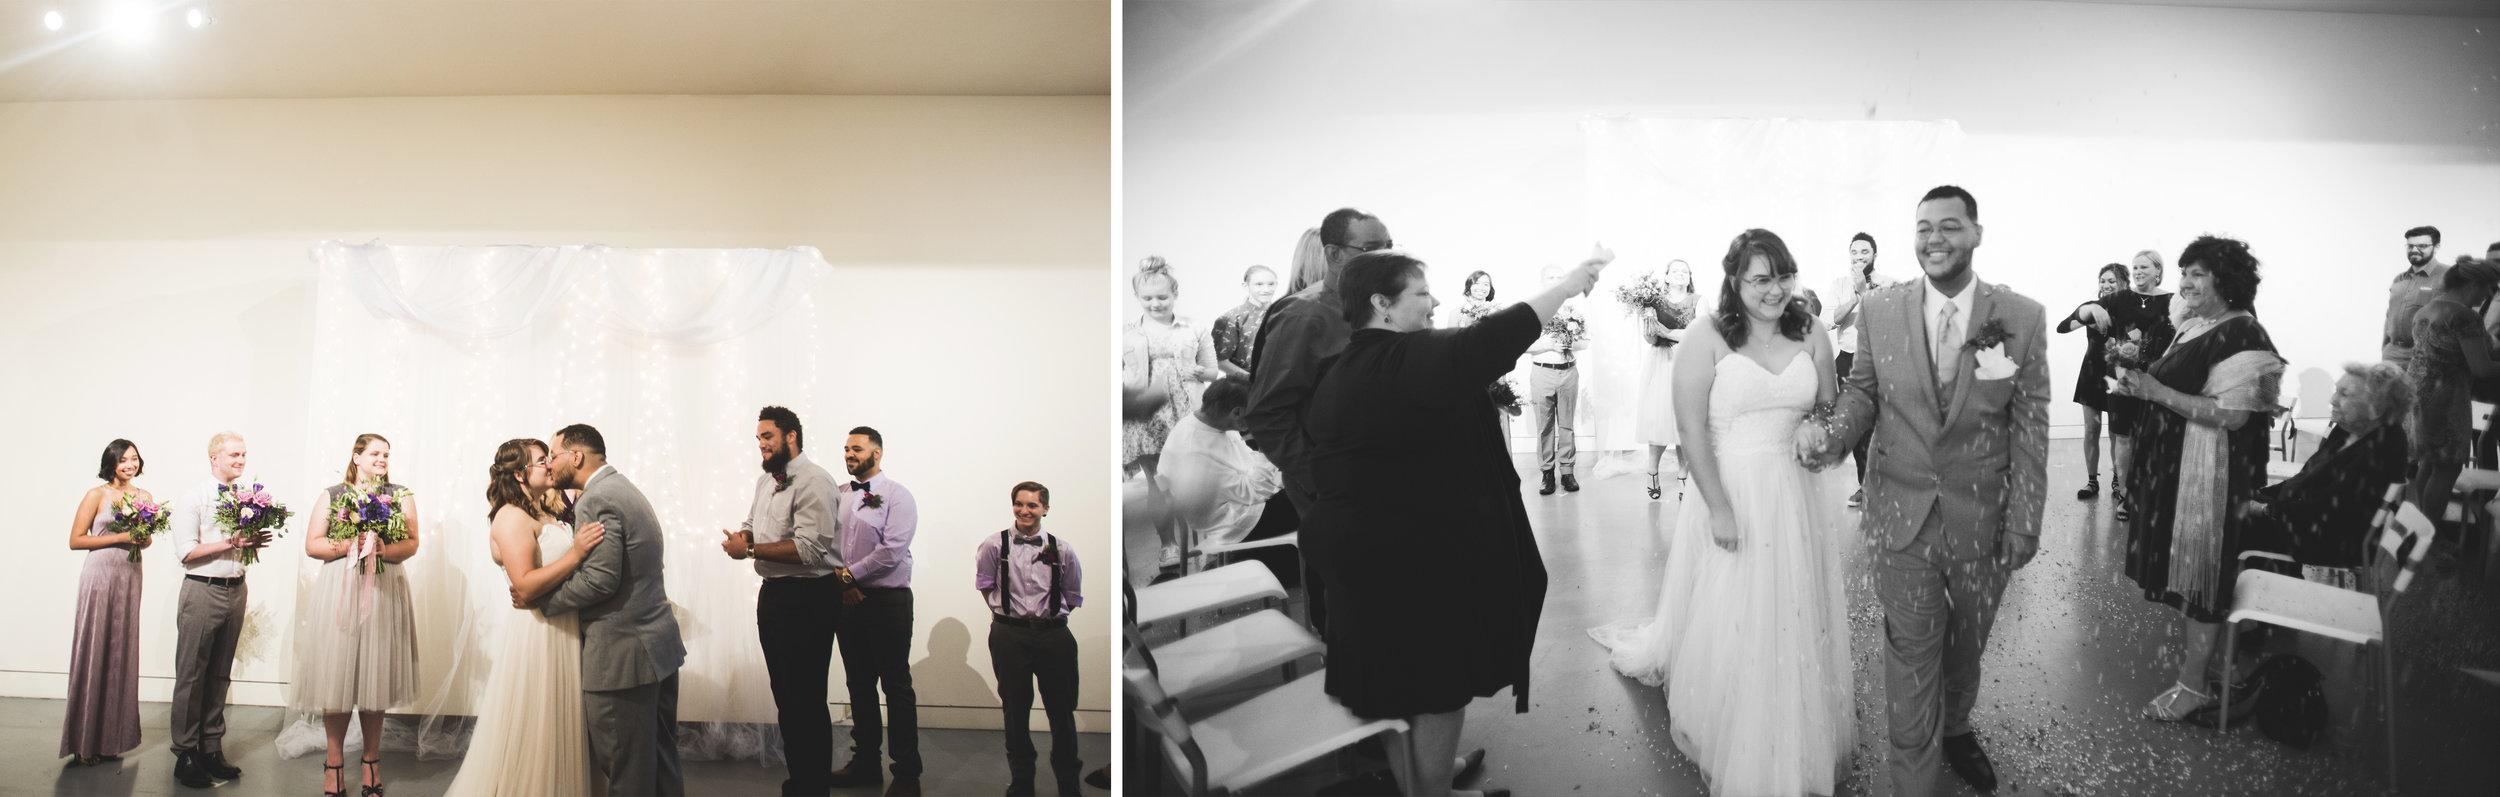 Shawn & Katelynn Wedding-18.jpg